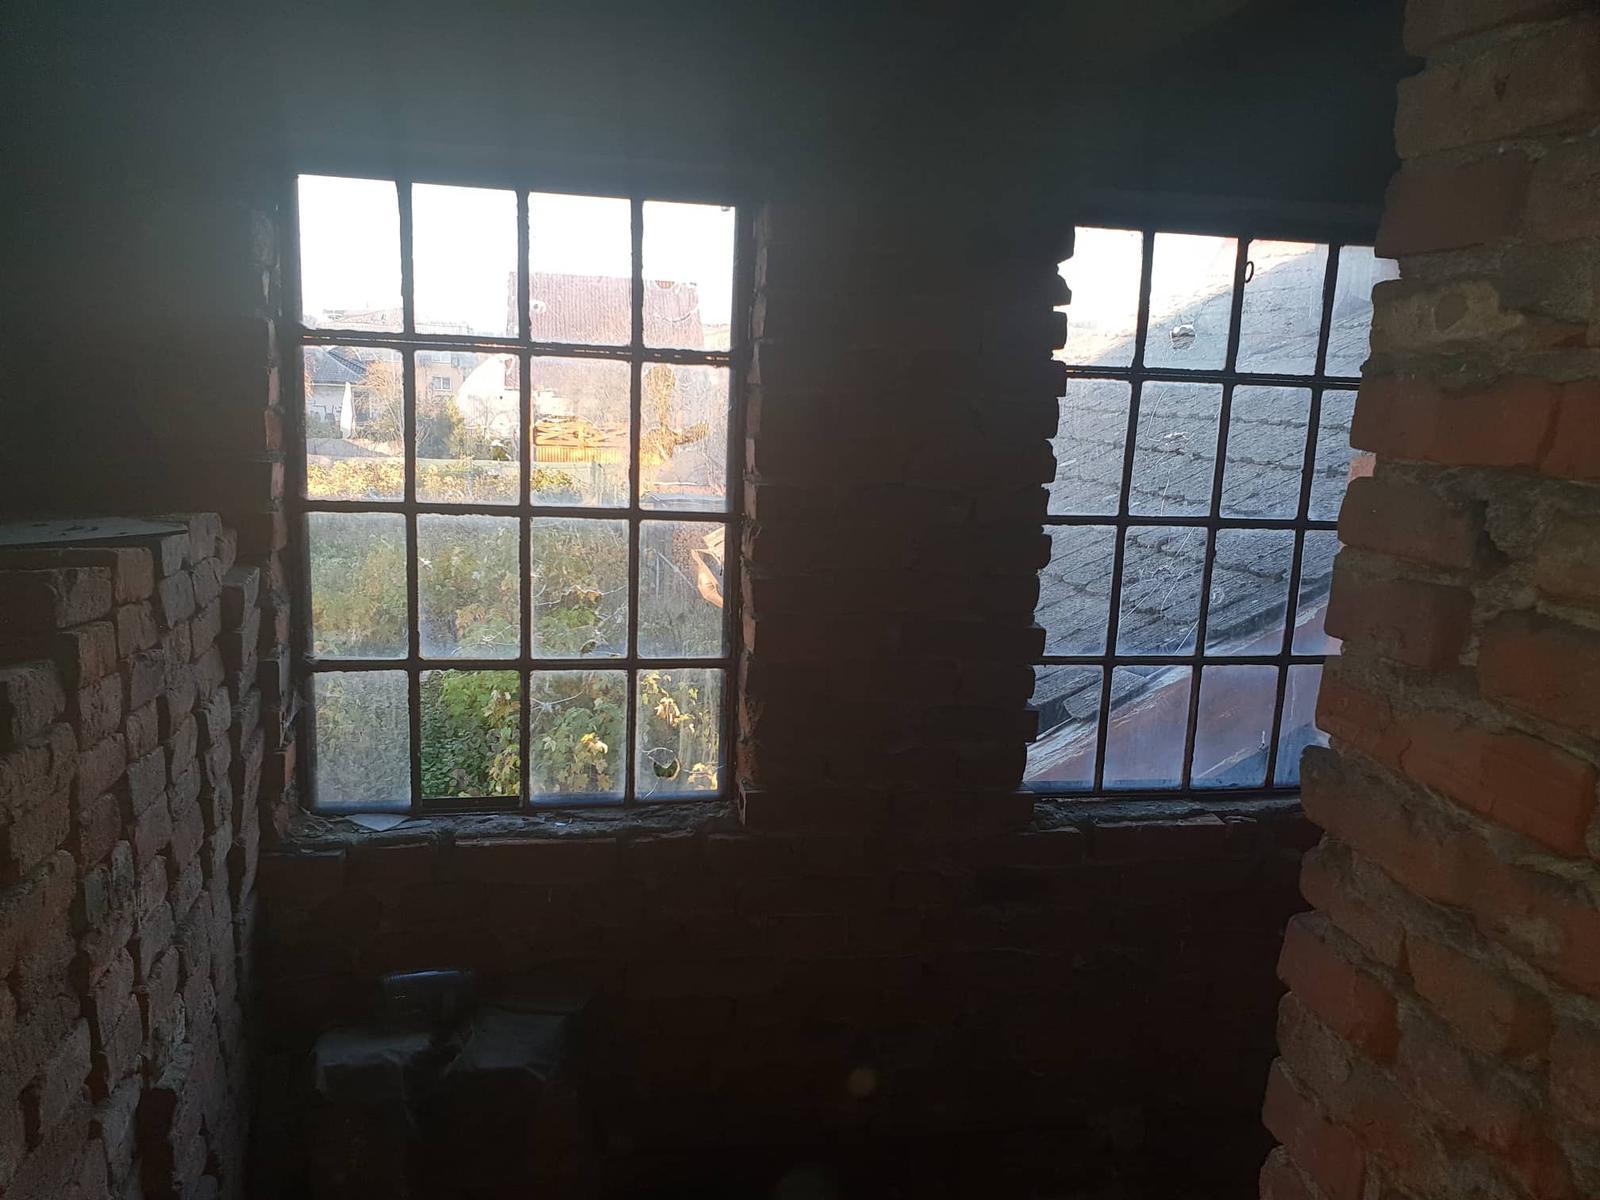 Rekonštrukcia domu-alebo chceme si splniť sen =》🏠🌻🌼🐶  mat domcek a vratit sa na Slovensko - Vyhlad cez vetrajuce sa okna na krasne vysadenu zahradu :-D